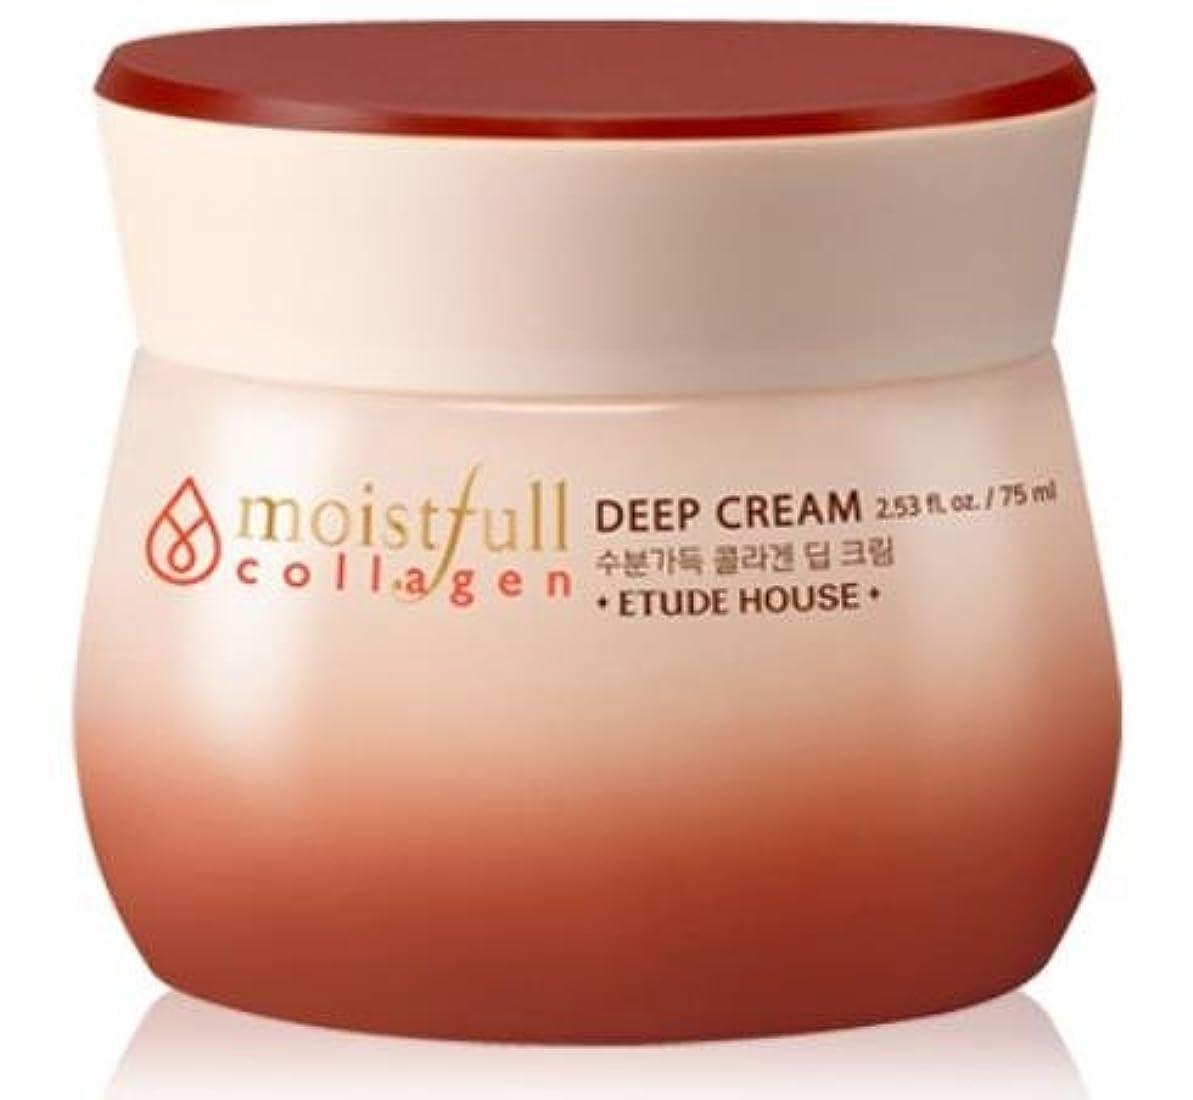 のど賛辞敵[エチュードハウス] ETUDE HOUSE [モイストフルコラーゲ 深いクリーム] (Moistfull Collagen Deep Cream) [並行輸入品]